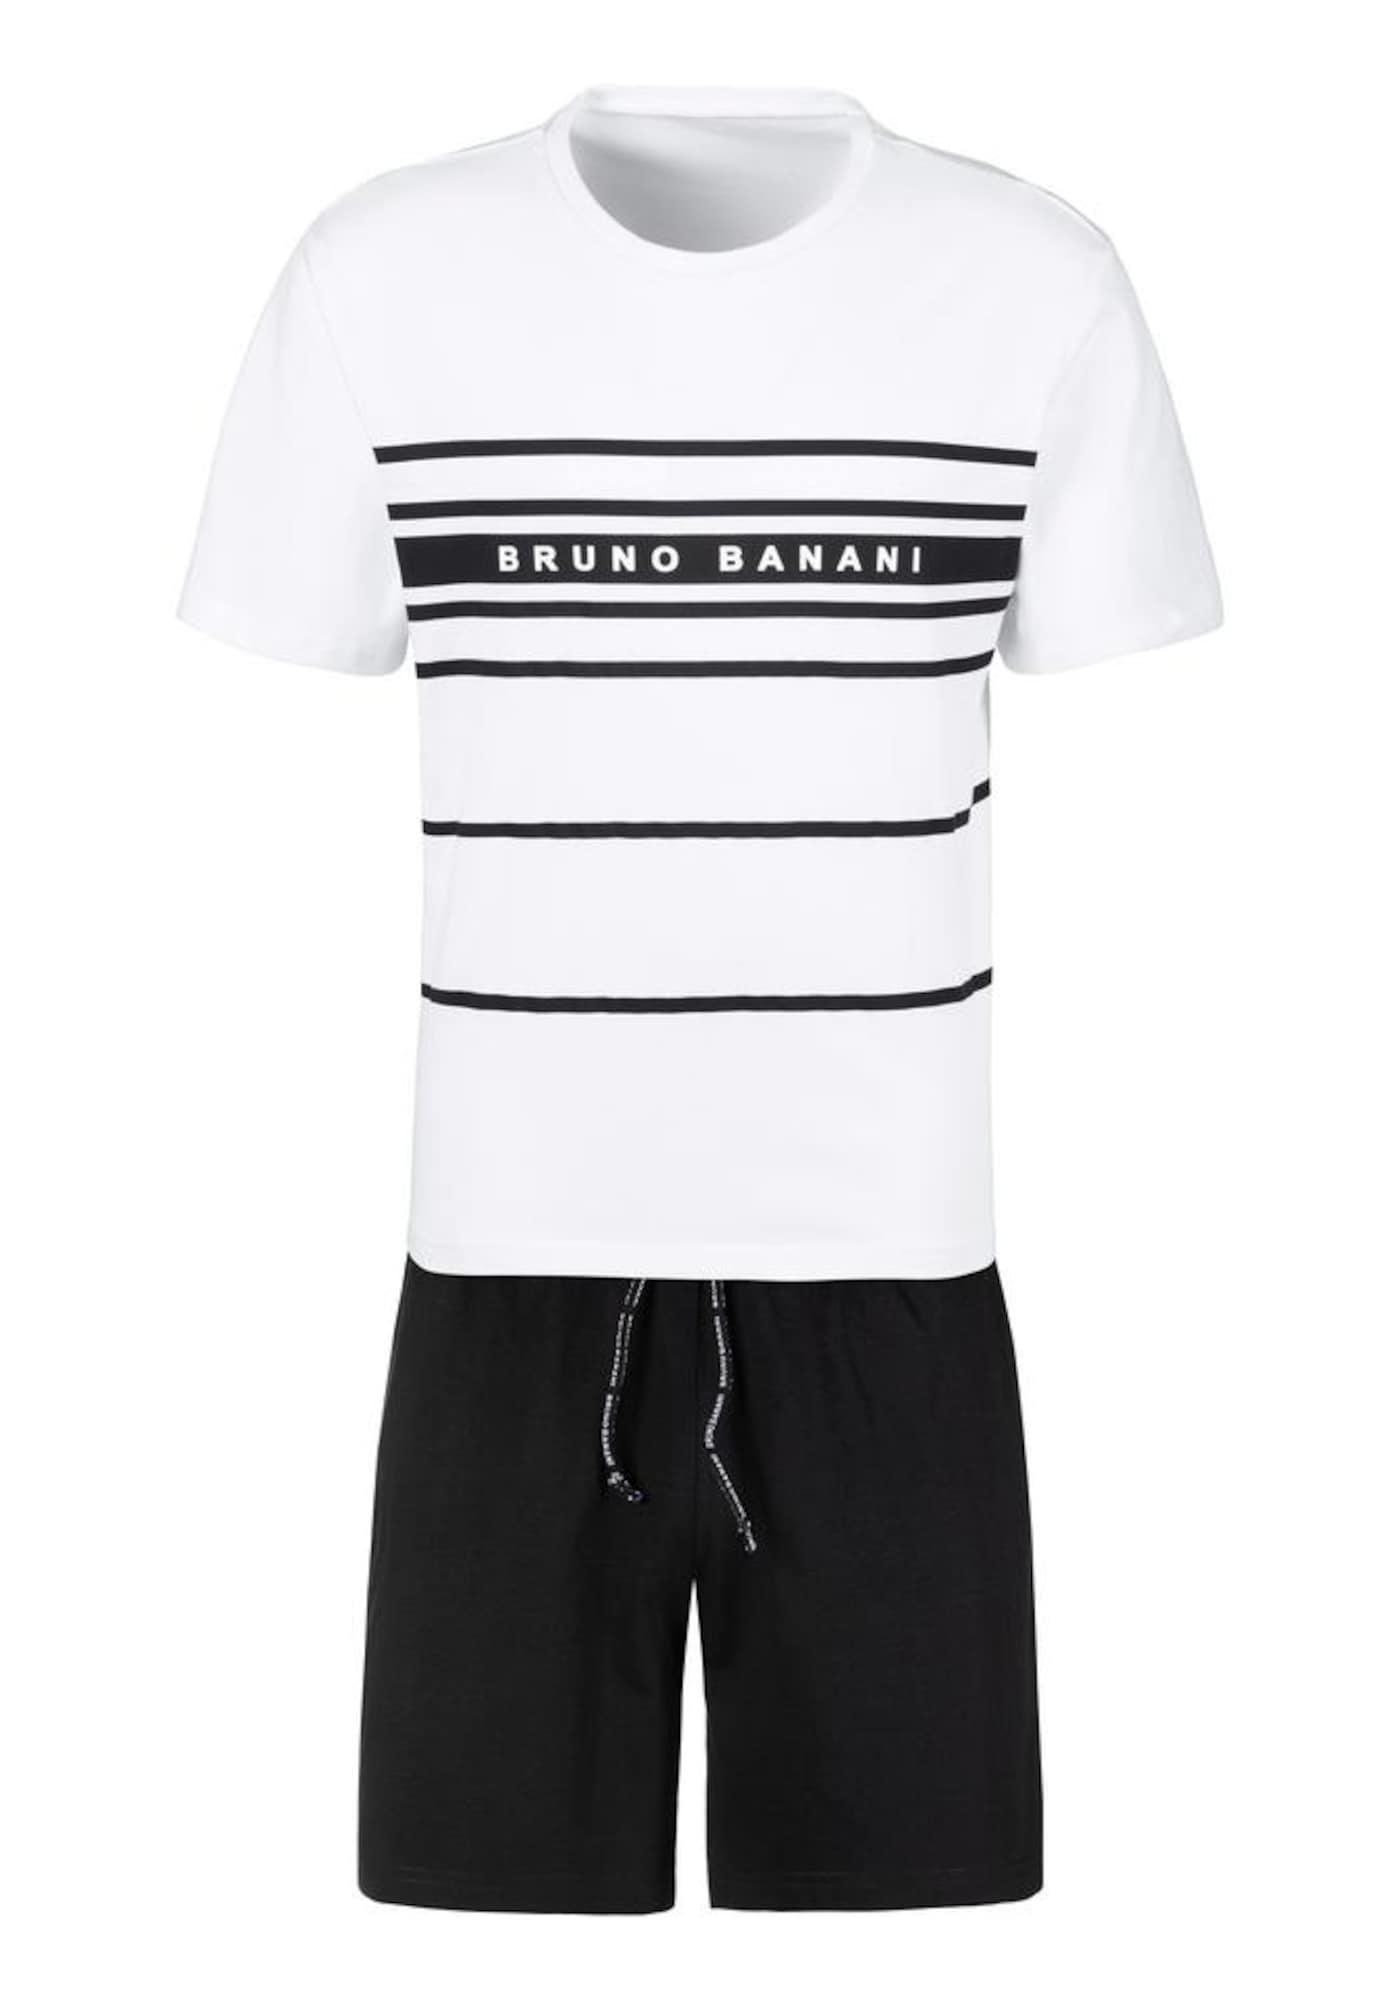 BRUNO BANANI Trumpa pižama balta / juoda